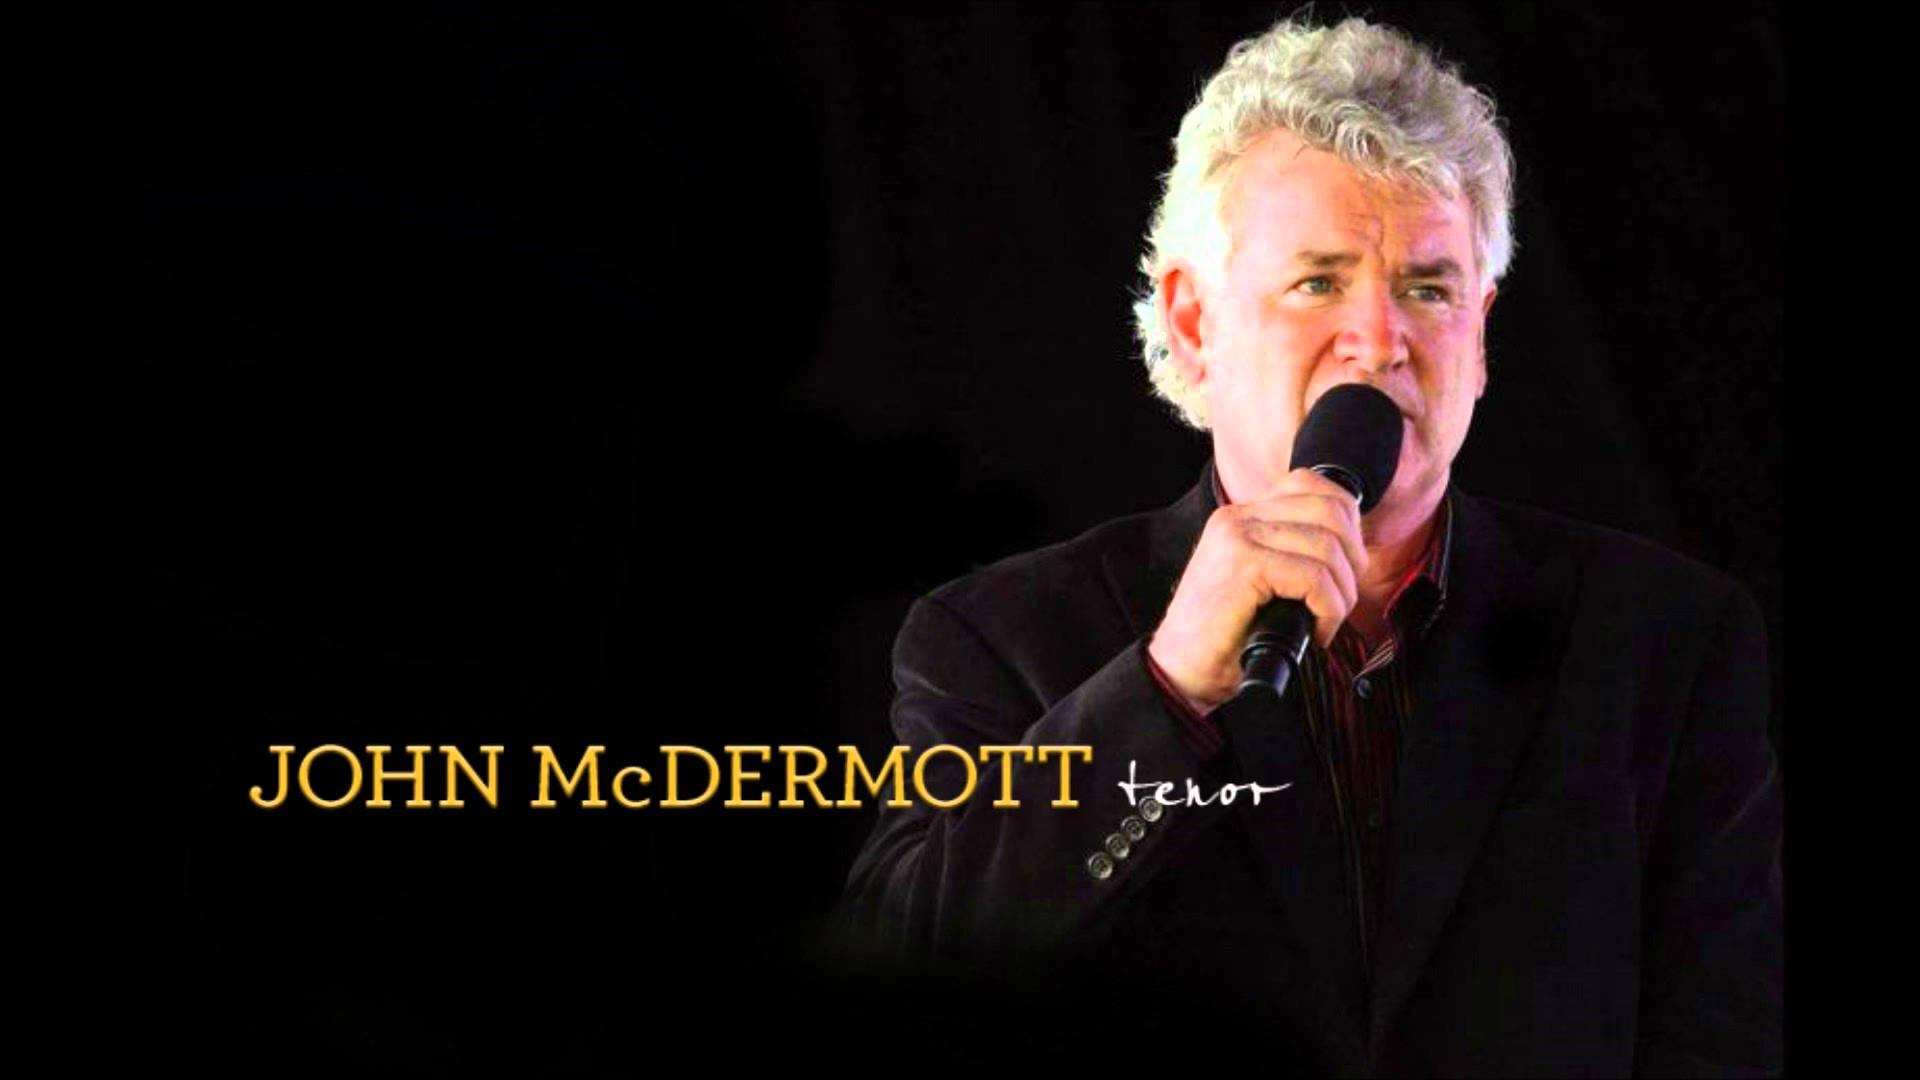 John McDermott Concerts